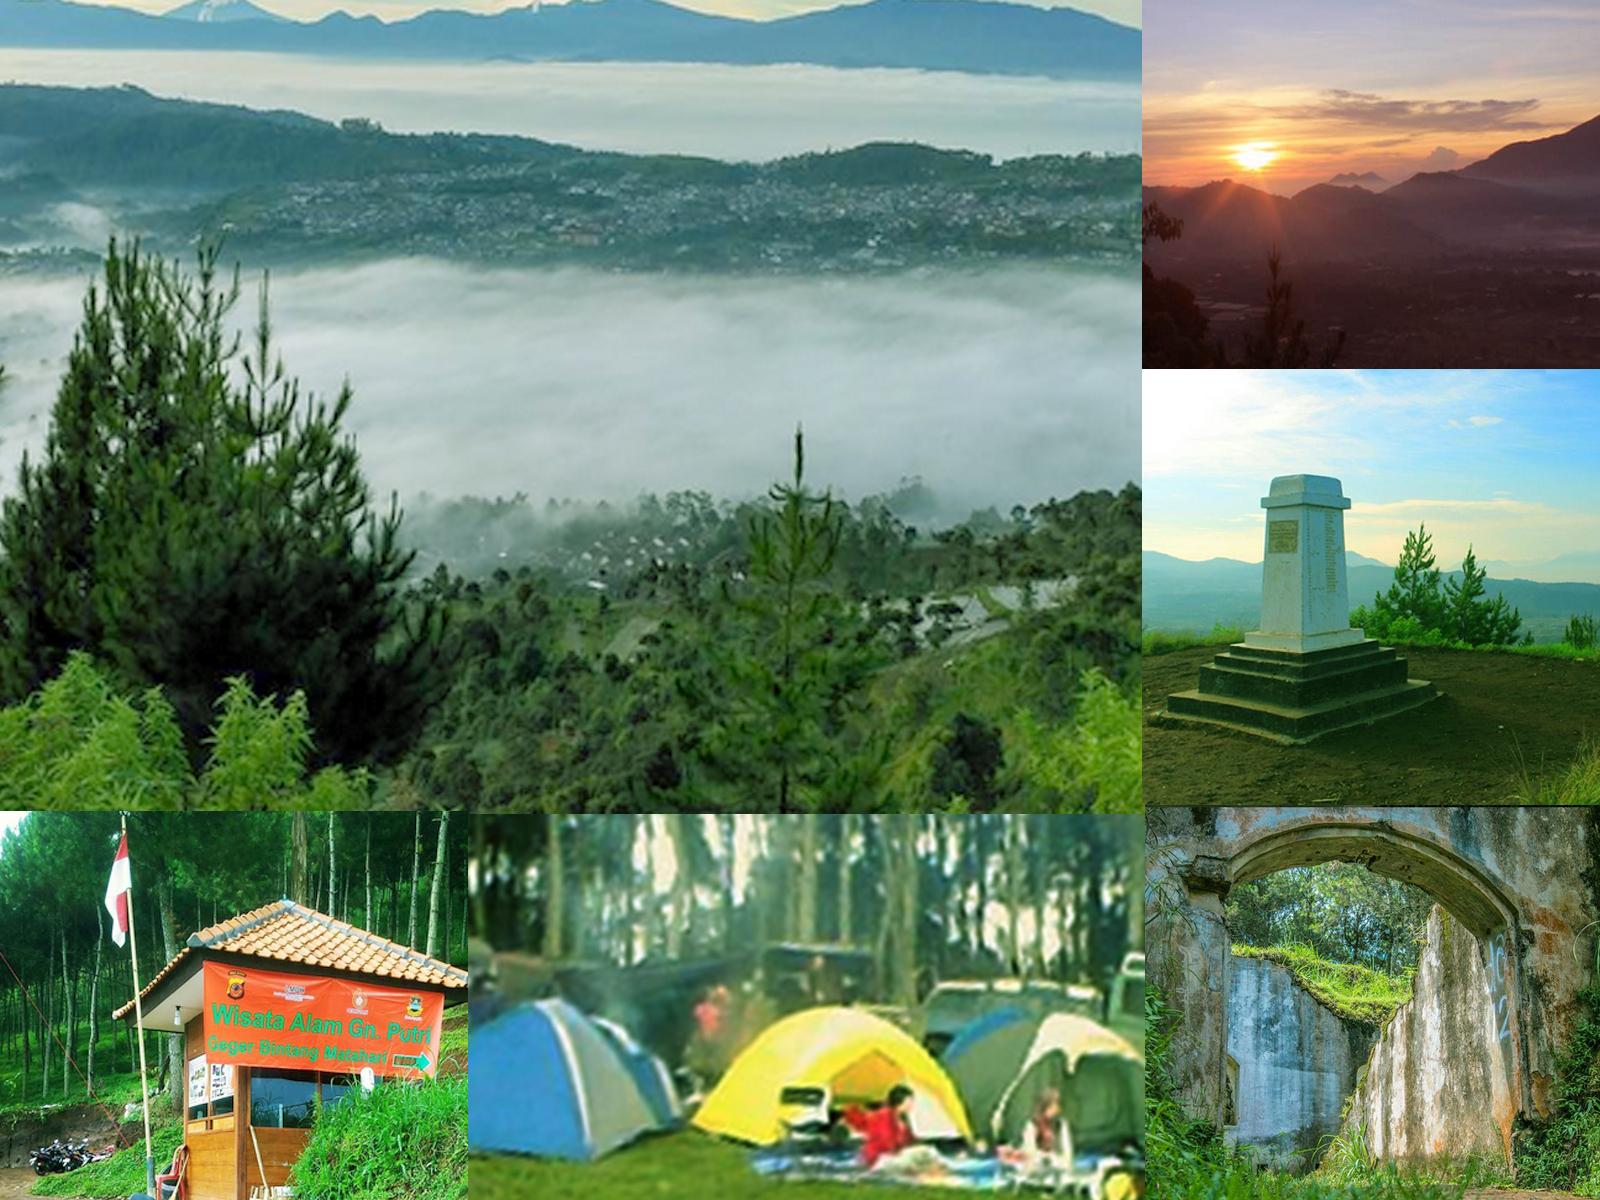 Wisata Alam Gunung Putri Lembang Yang Makin Ngehits